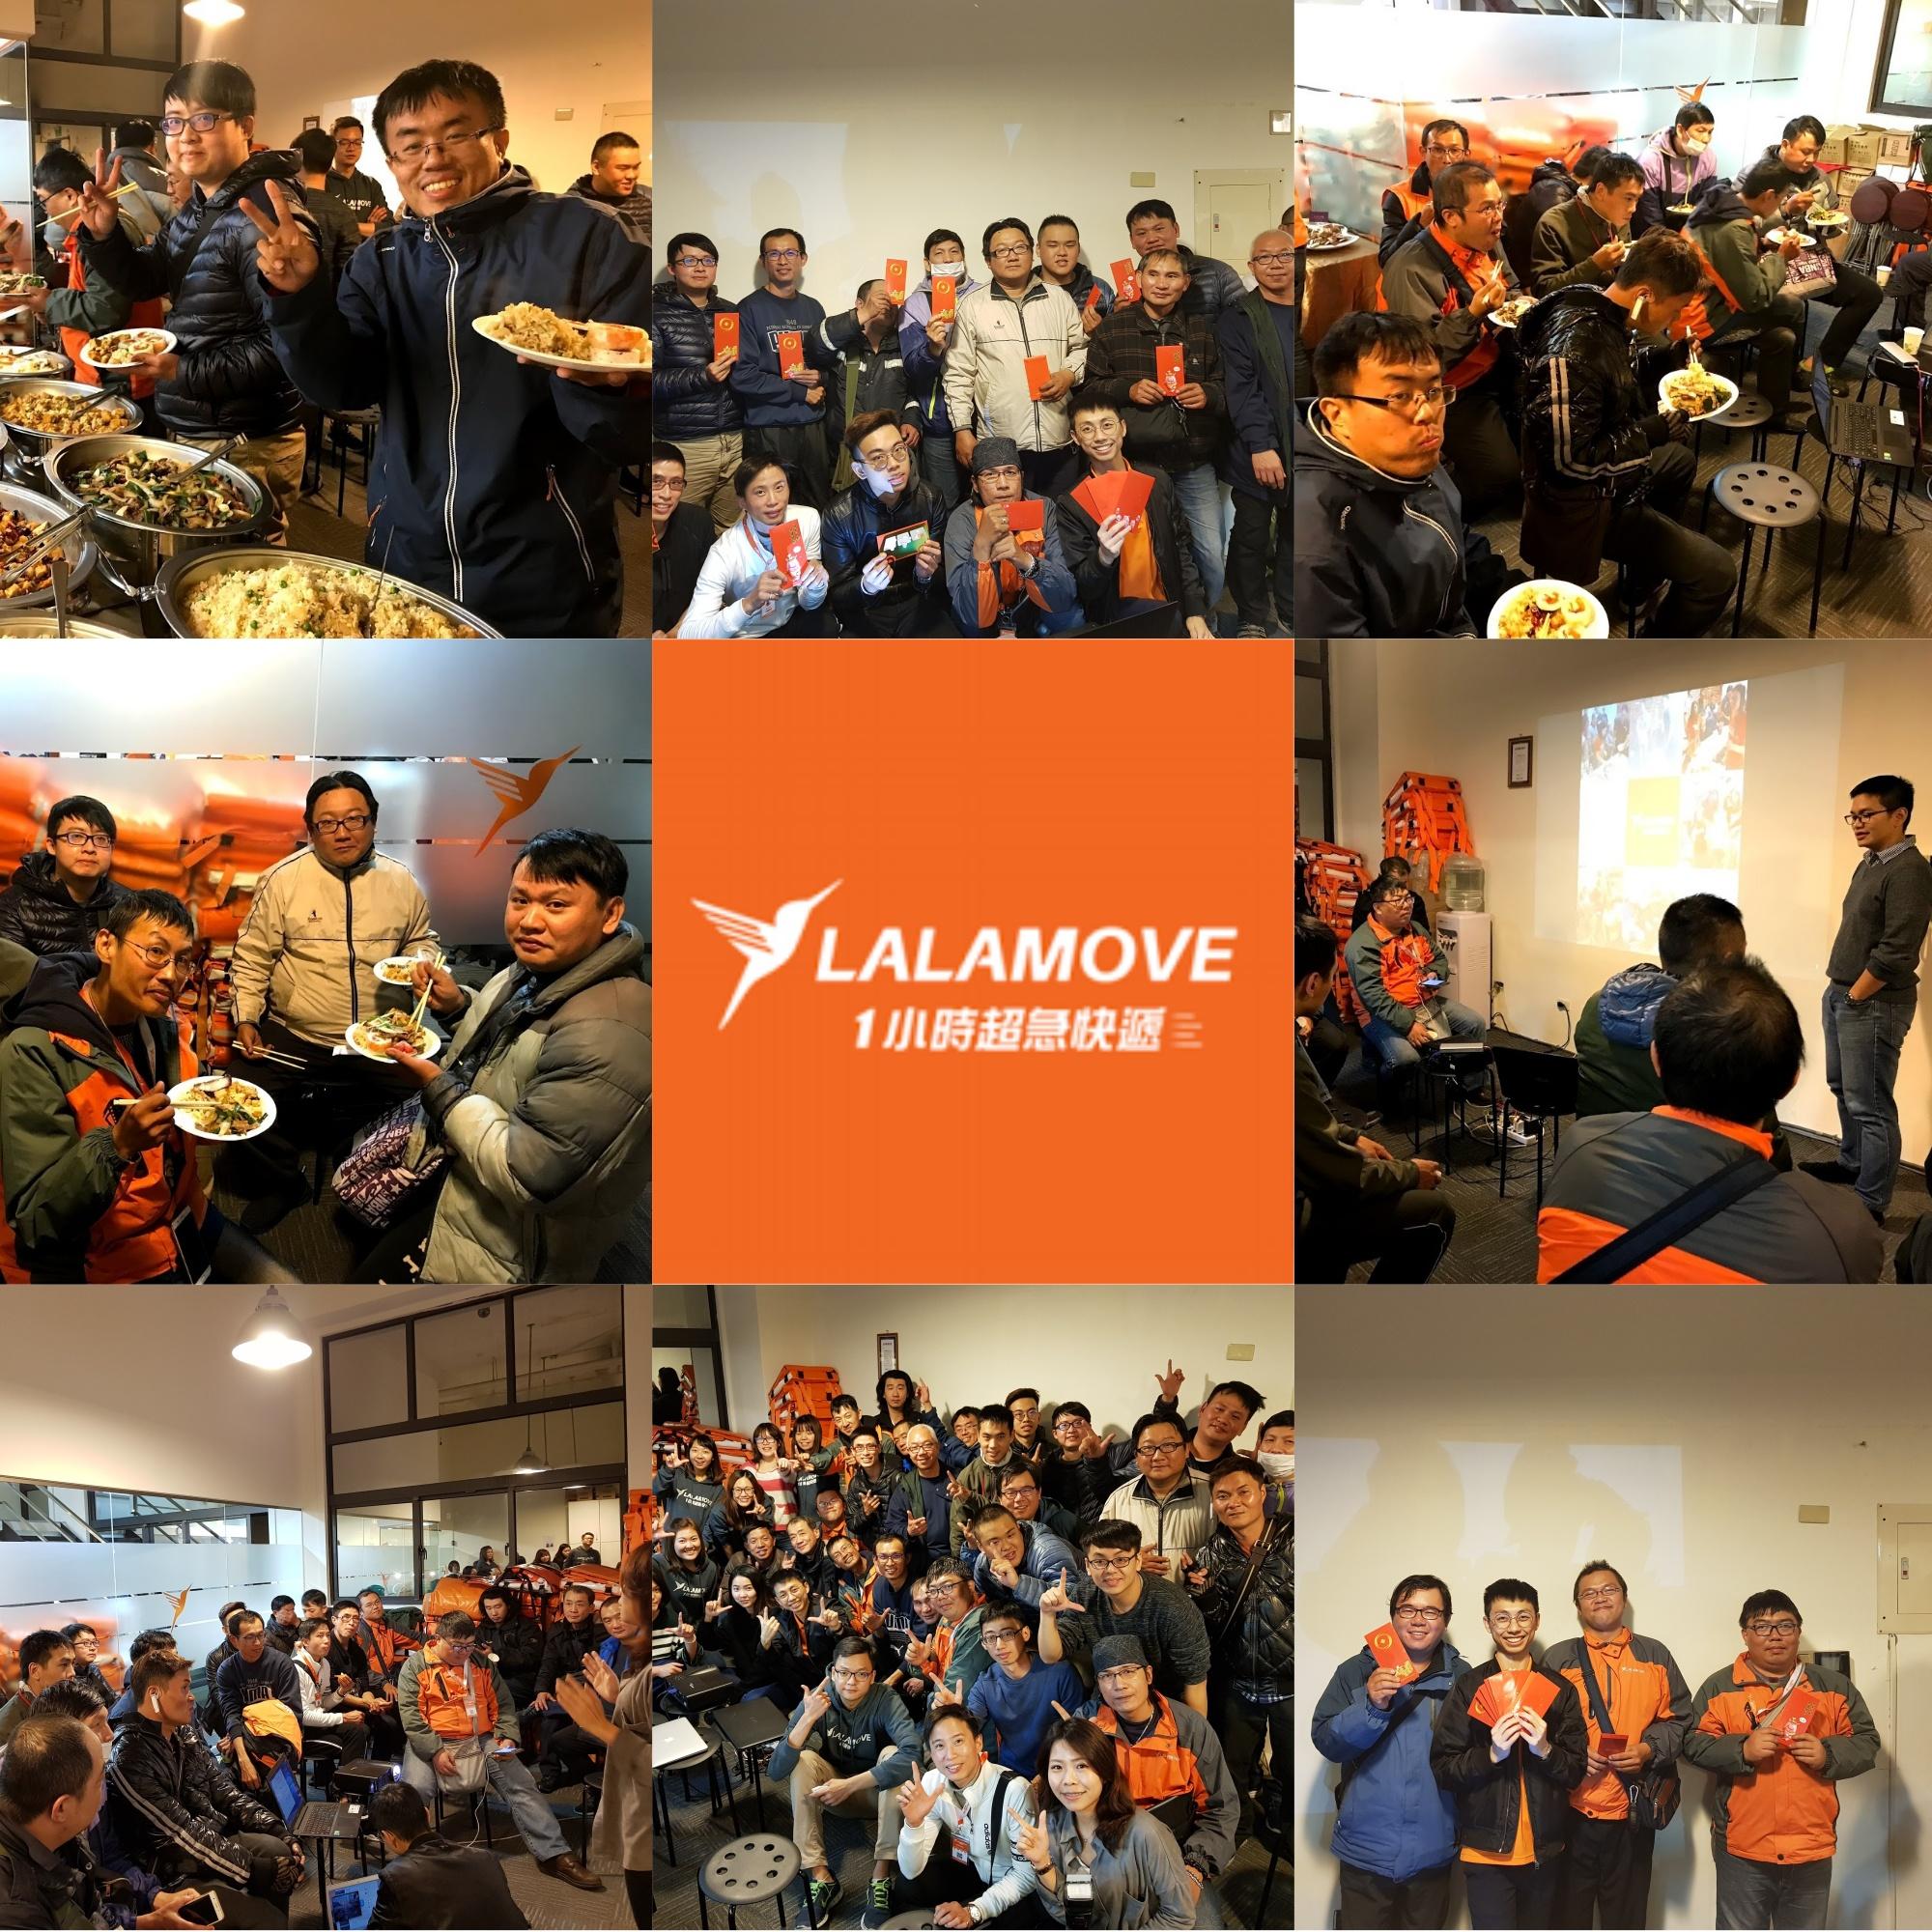 【夥伴晉升】Lalamove菁英夥伴計畫 - 201904